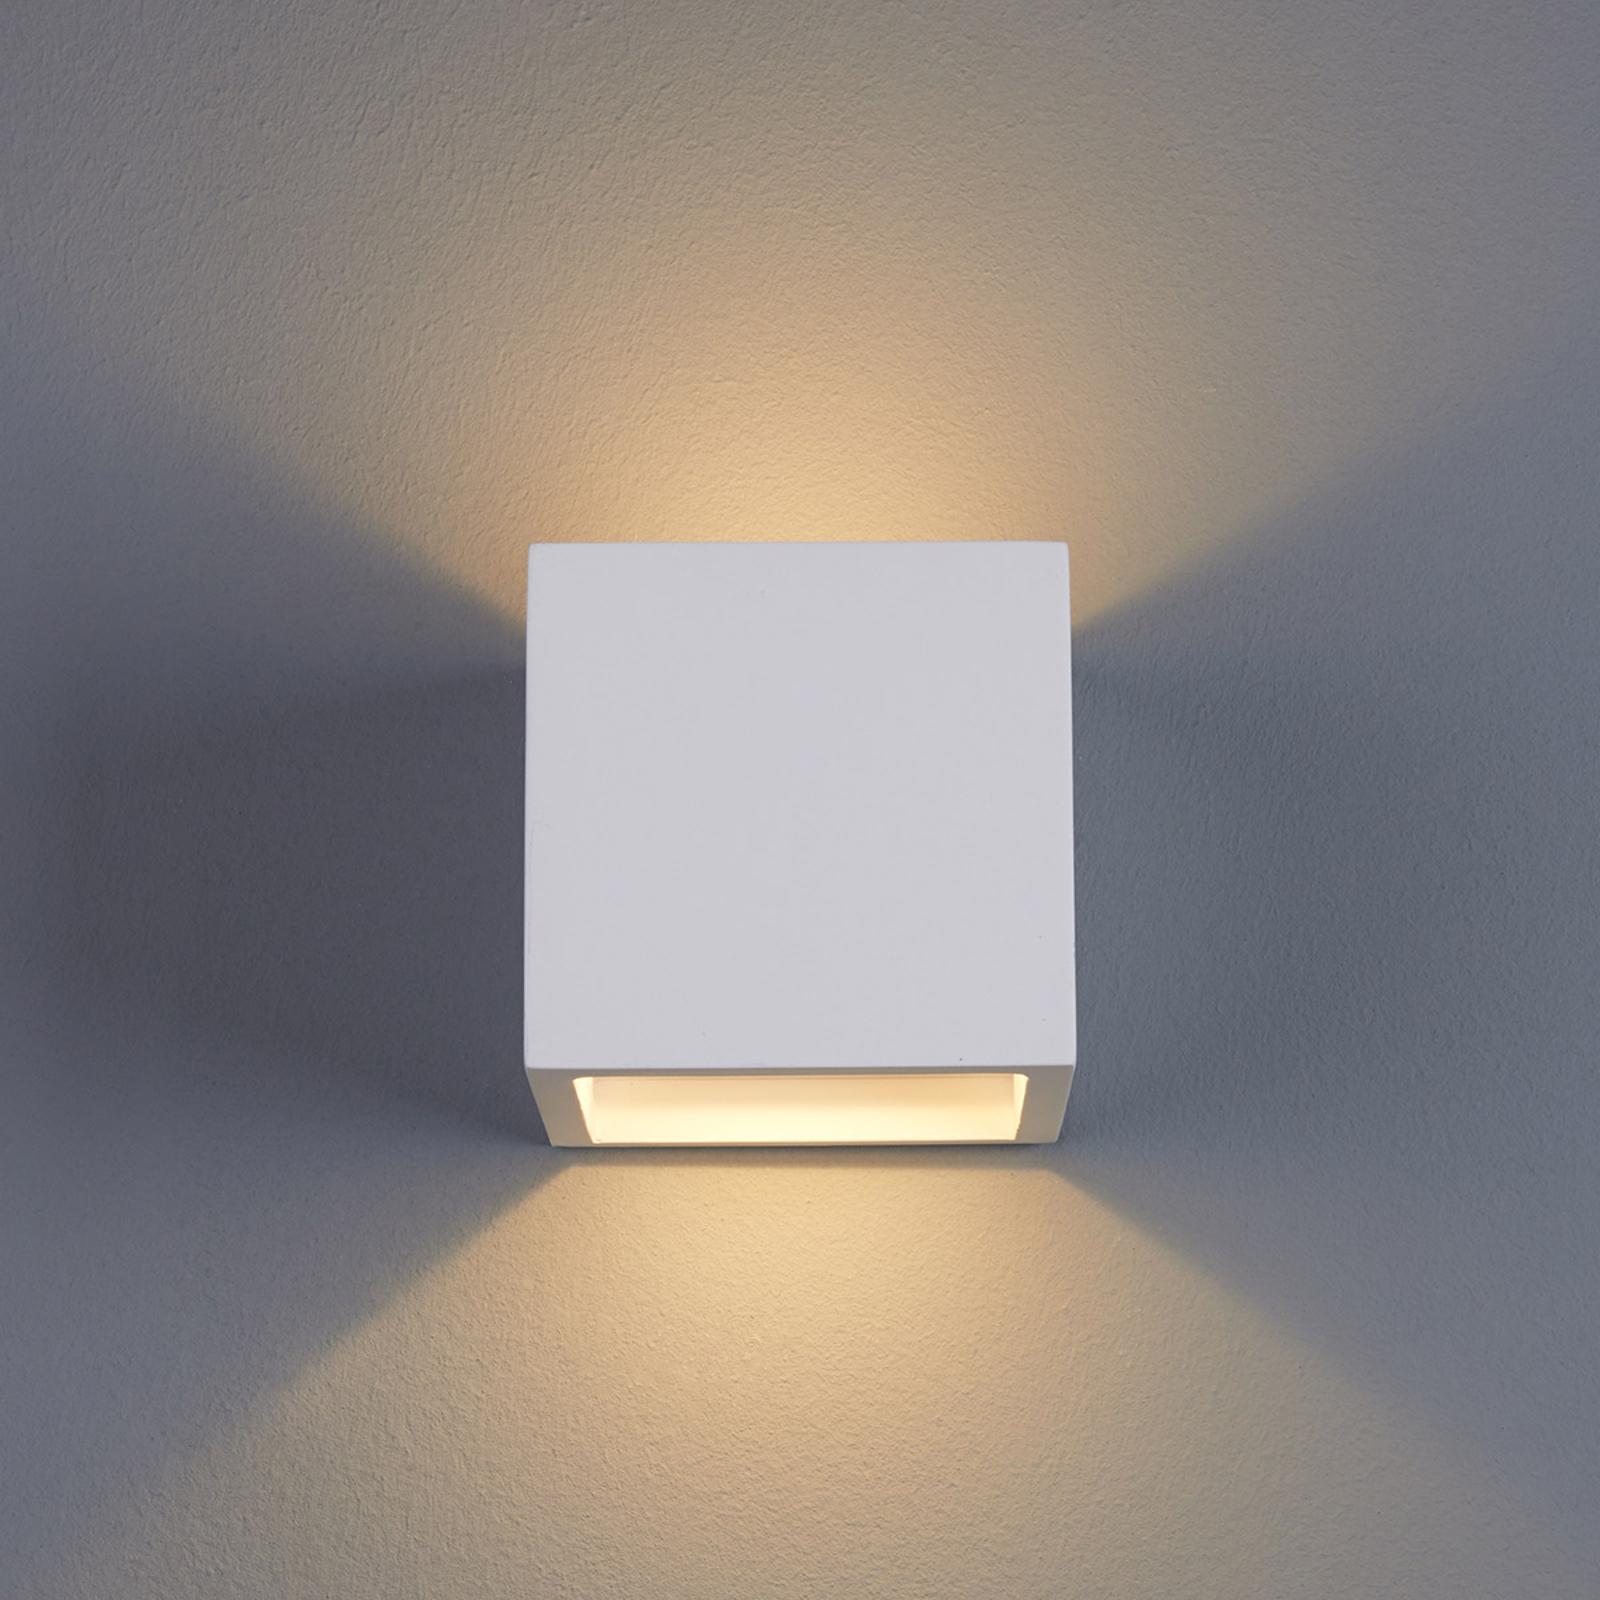 Kubusvormige LED-wandlamp Marita van gips